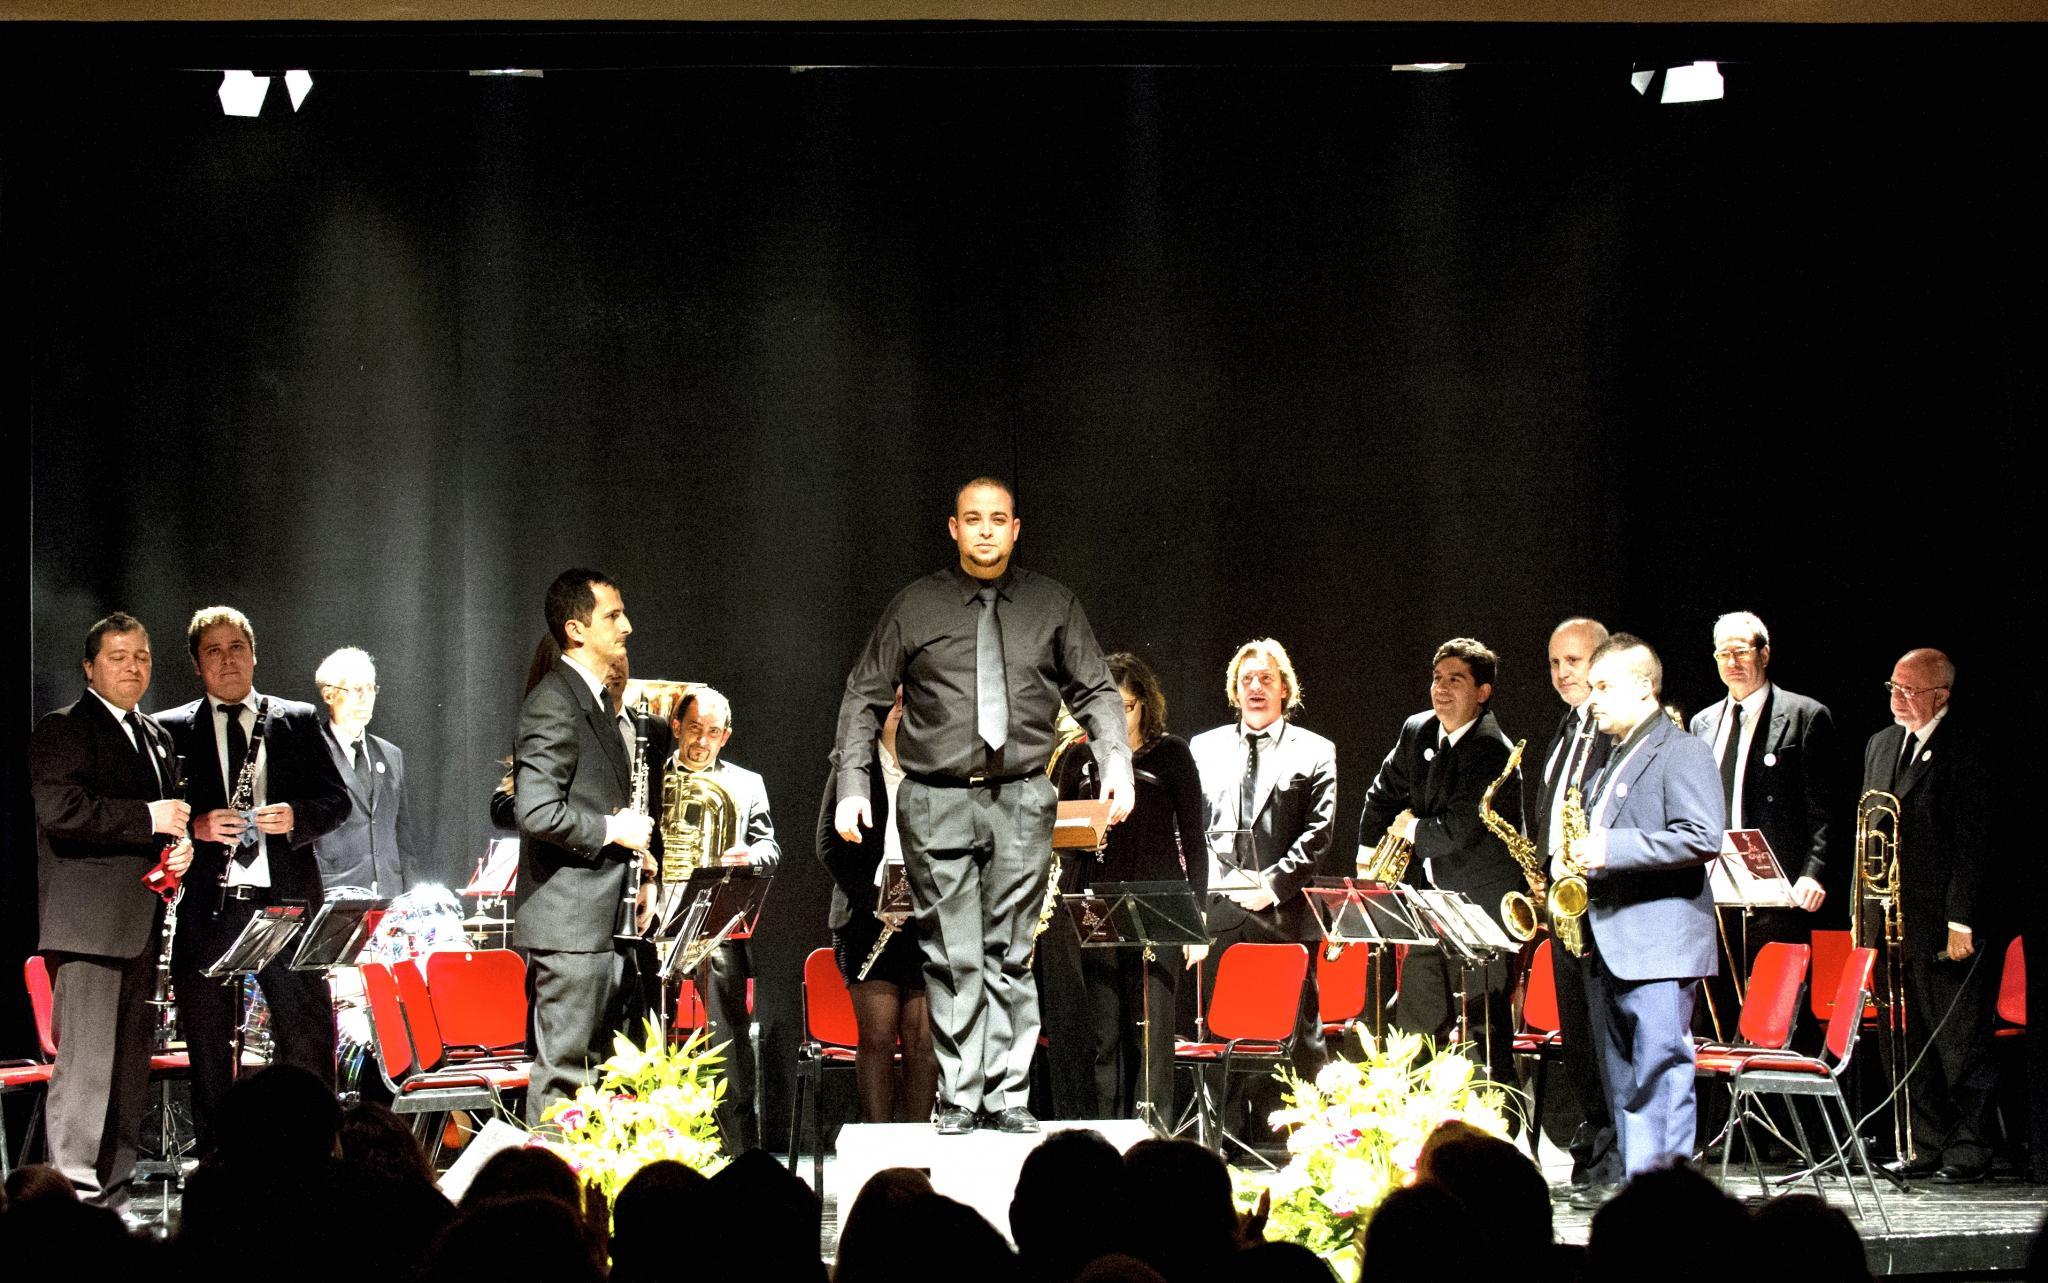 Cabrit & Bassa perform in Alaro